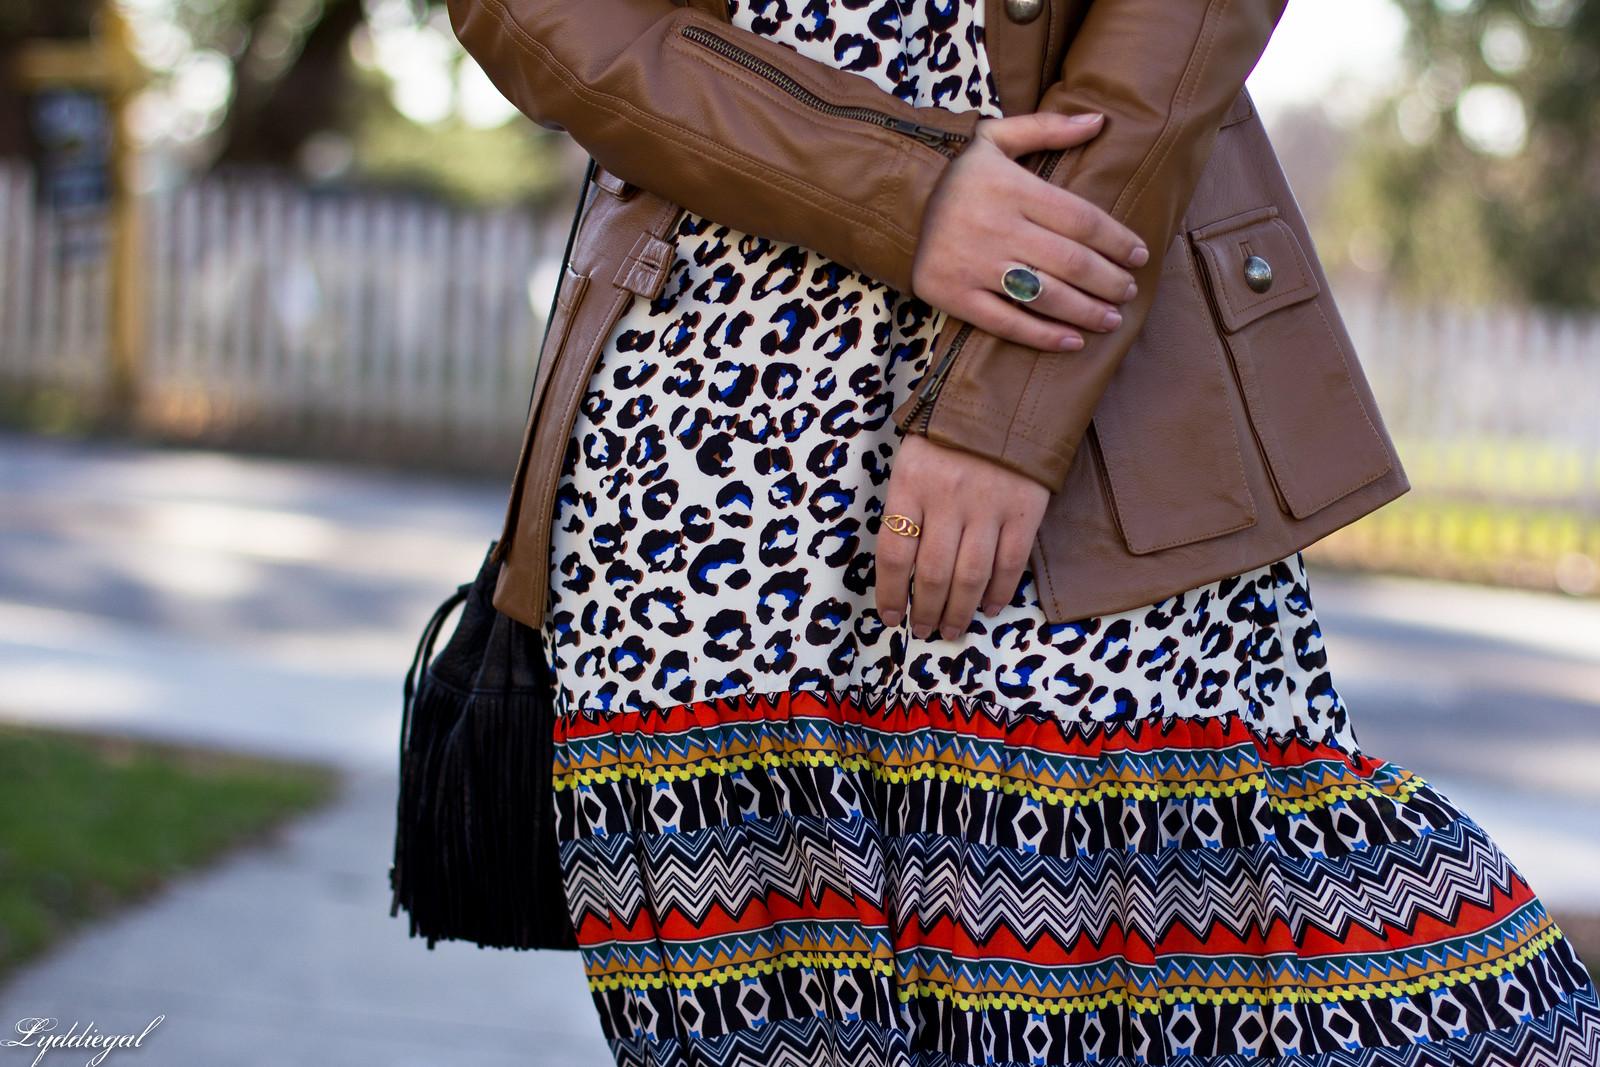 leopard print dress, leather jacket, fringe bag-9.jpg